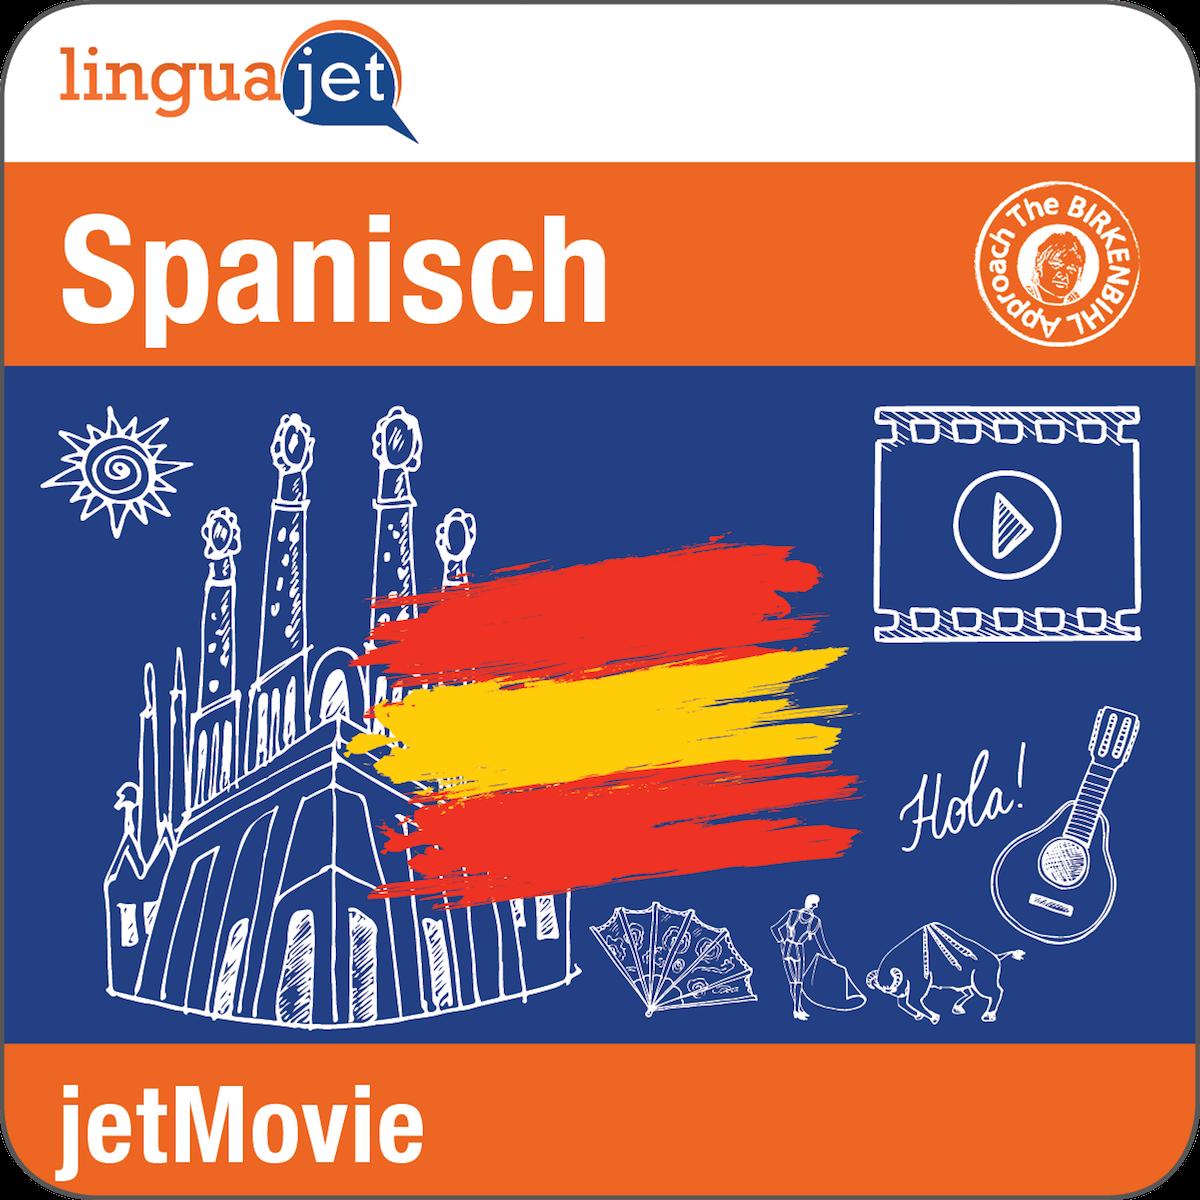 Die jetMovie-Kurse verpacken eine Fernsehserie in einen online Spanischkurs